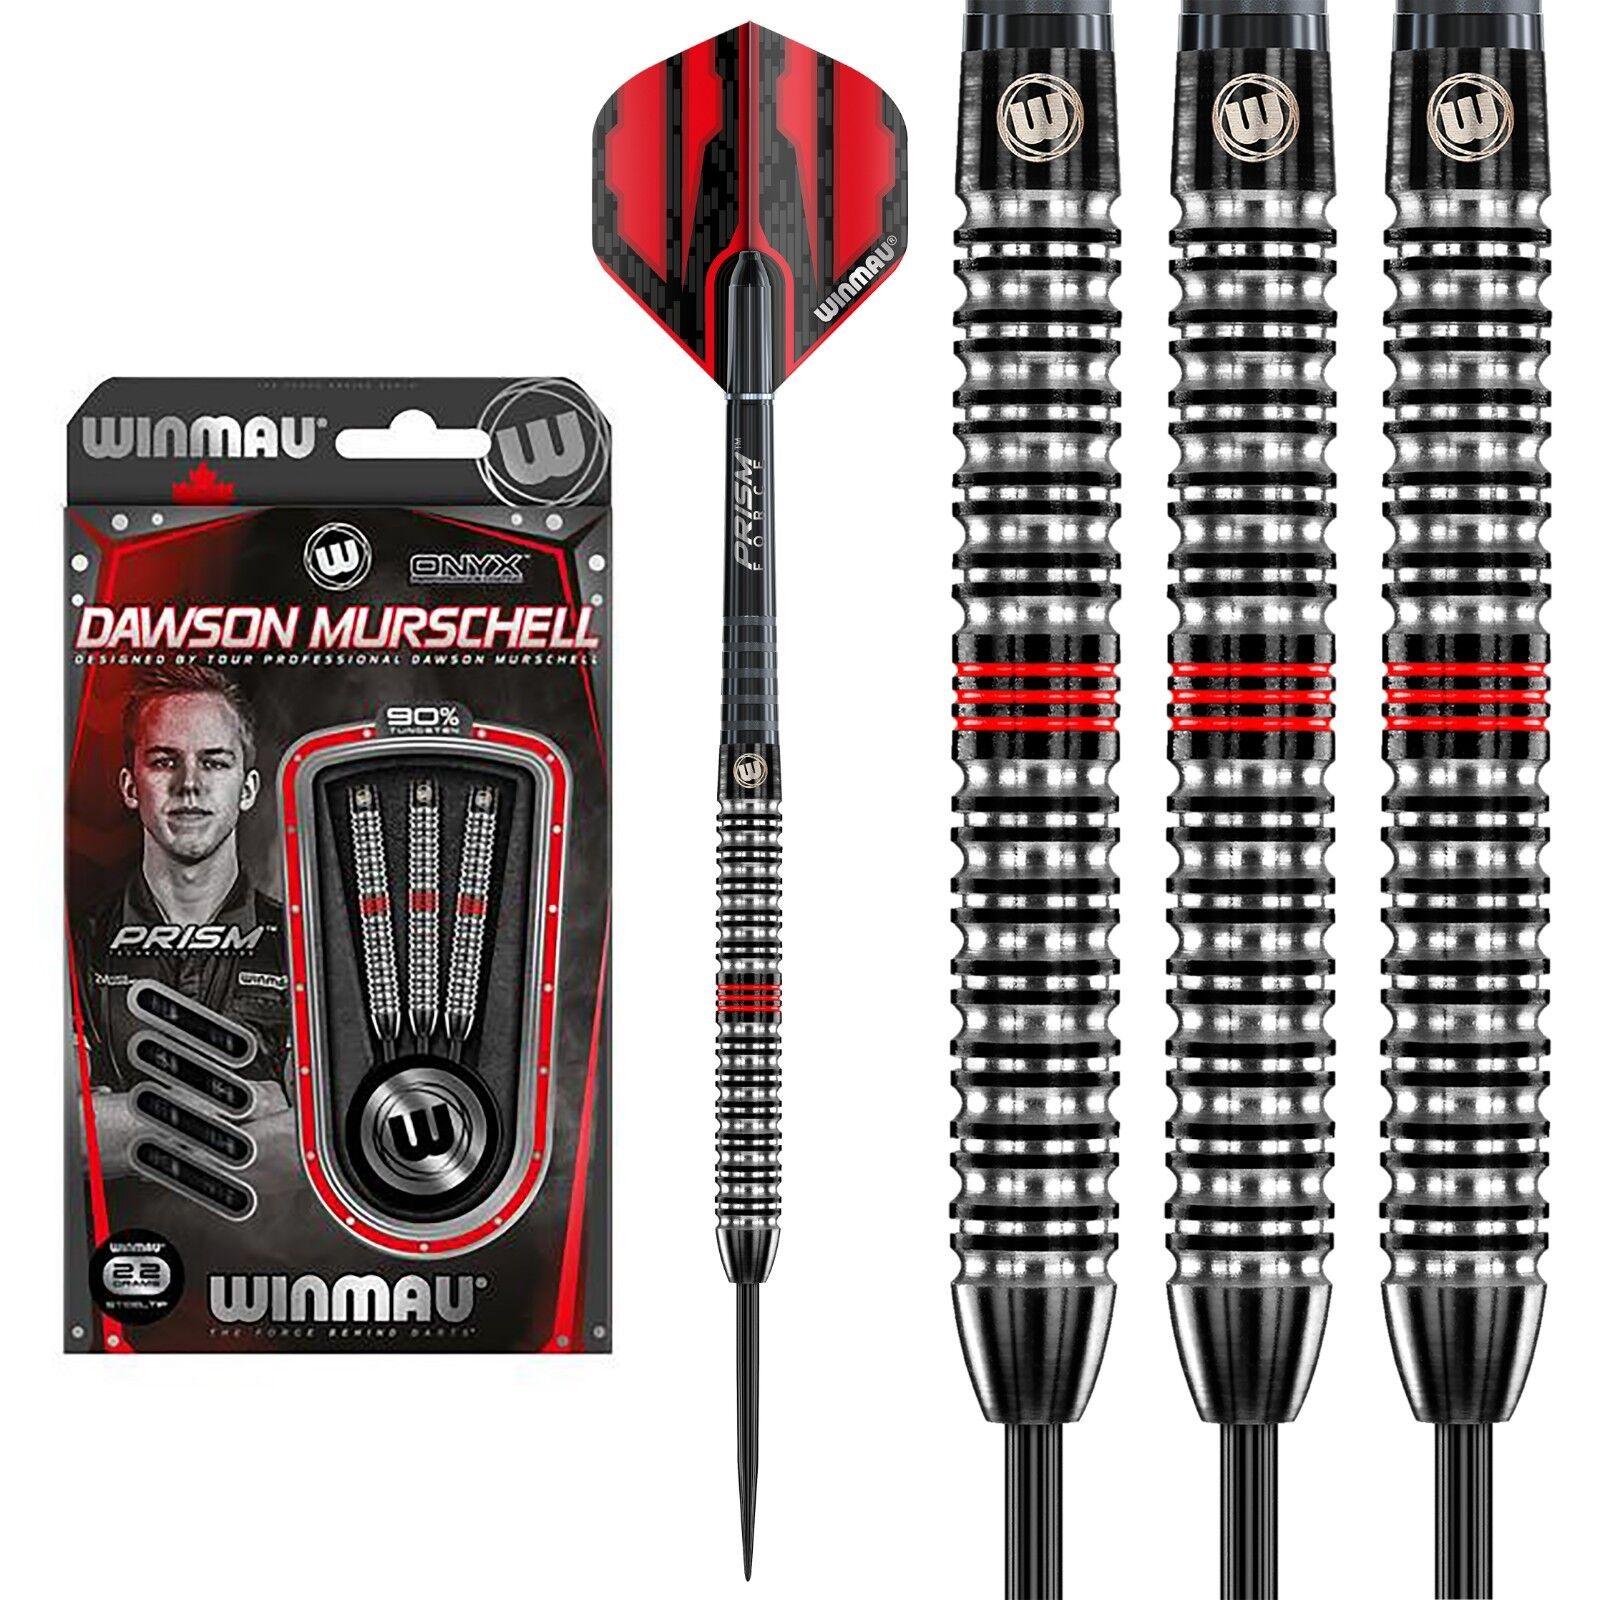 Winmau Dawson Murschell Onyx 90% Tungsten Darts - 22g